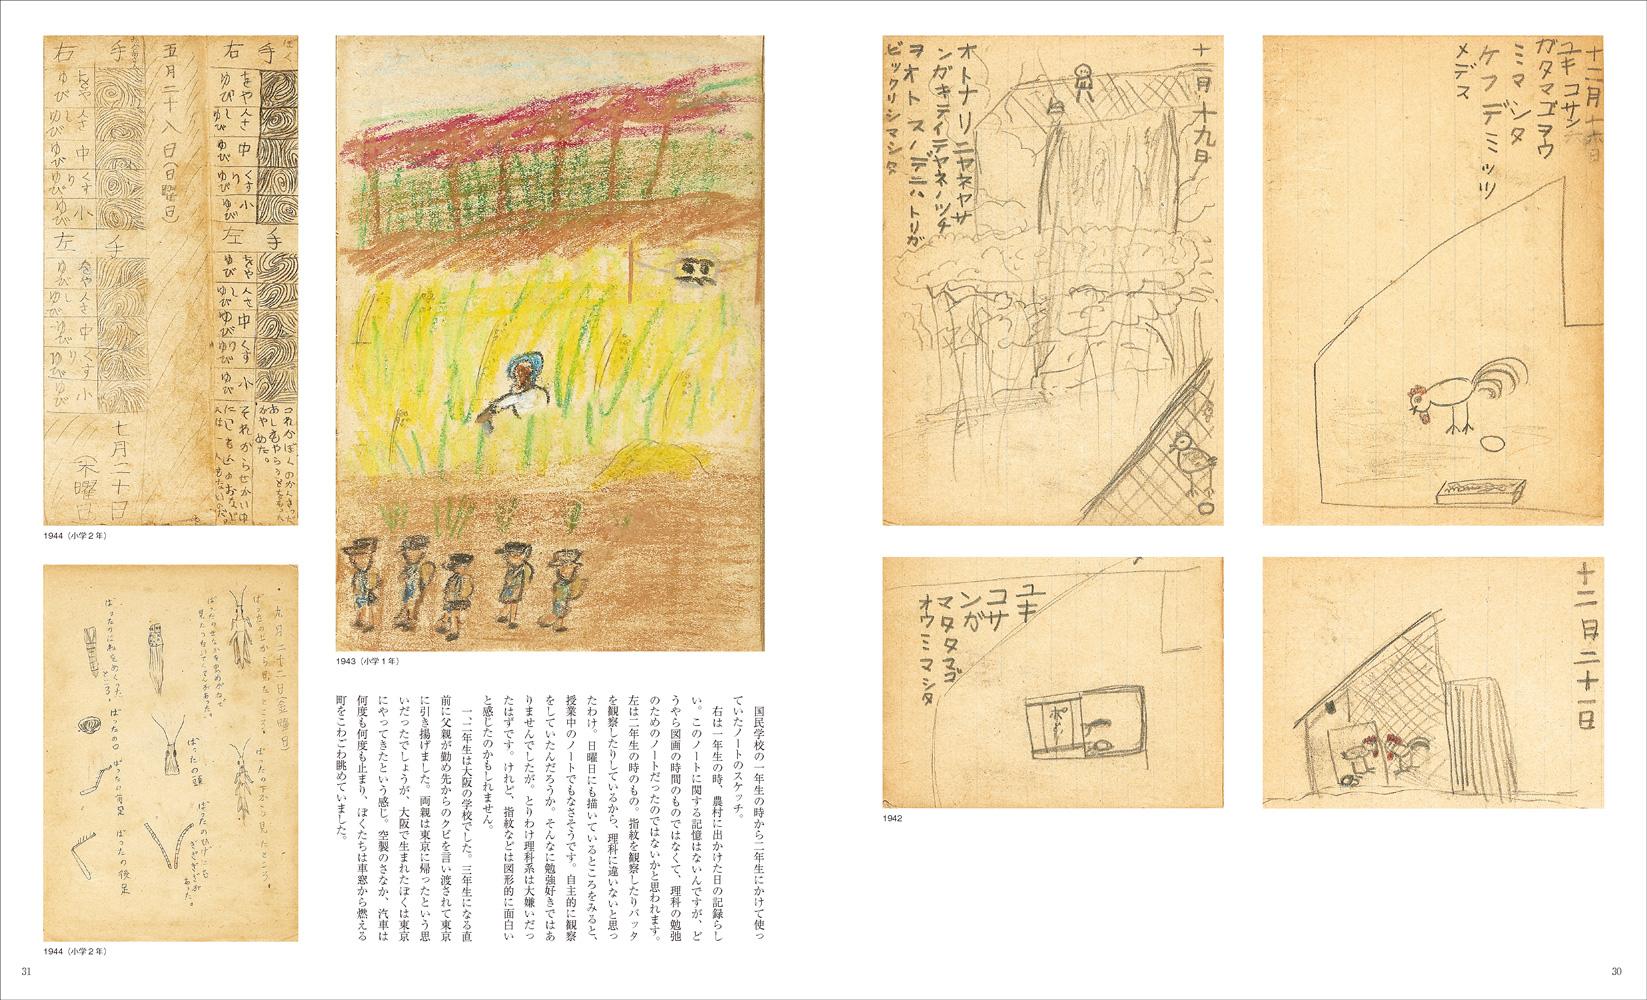 和田誠-時間旅行-学生時代の作品